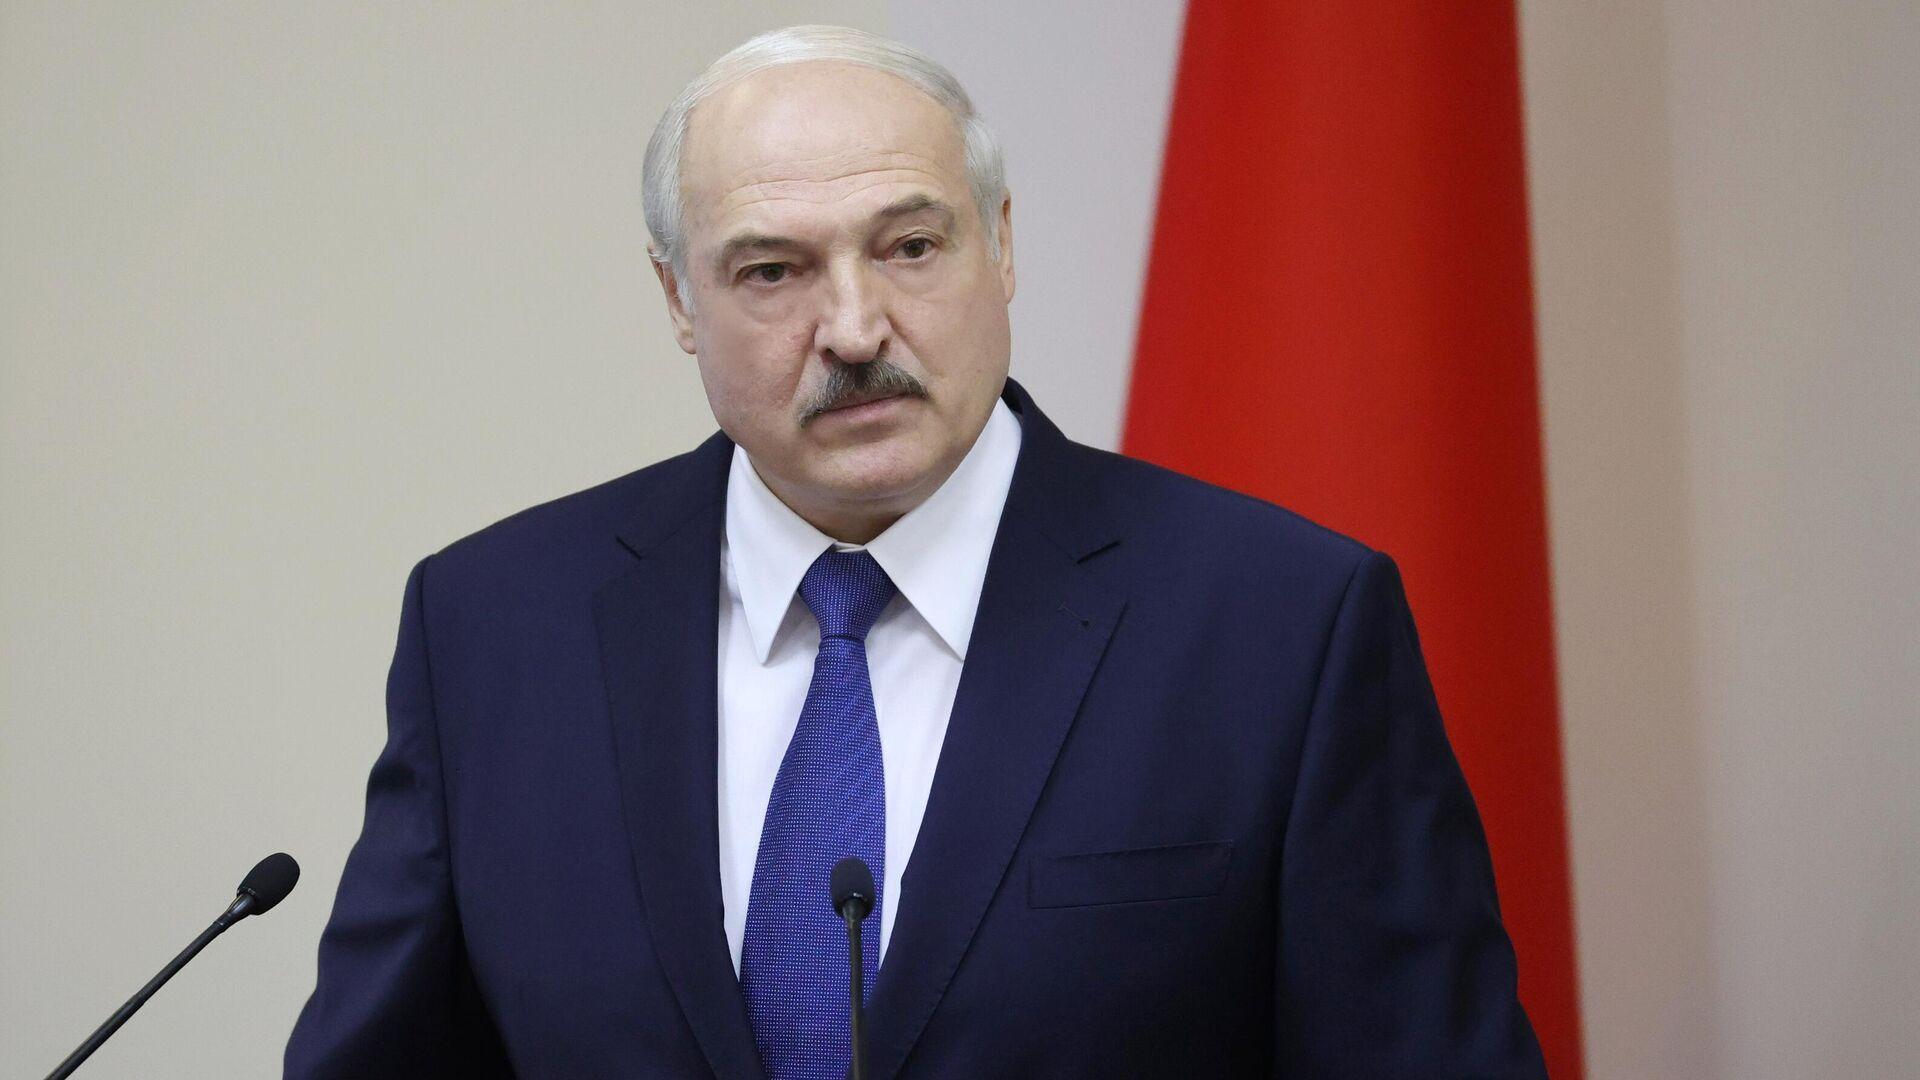 Президент Белоруссии Александр Лукашенко - РИА Новости, 1920, 21.09.2020